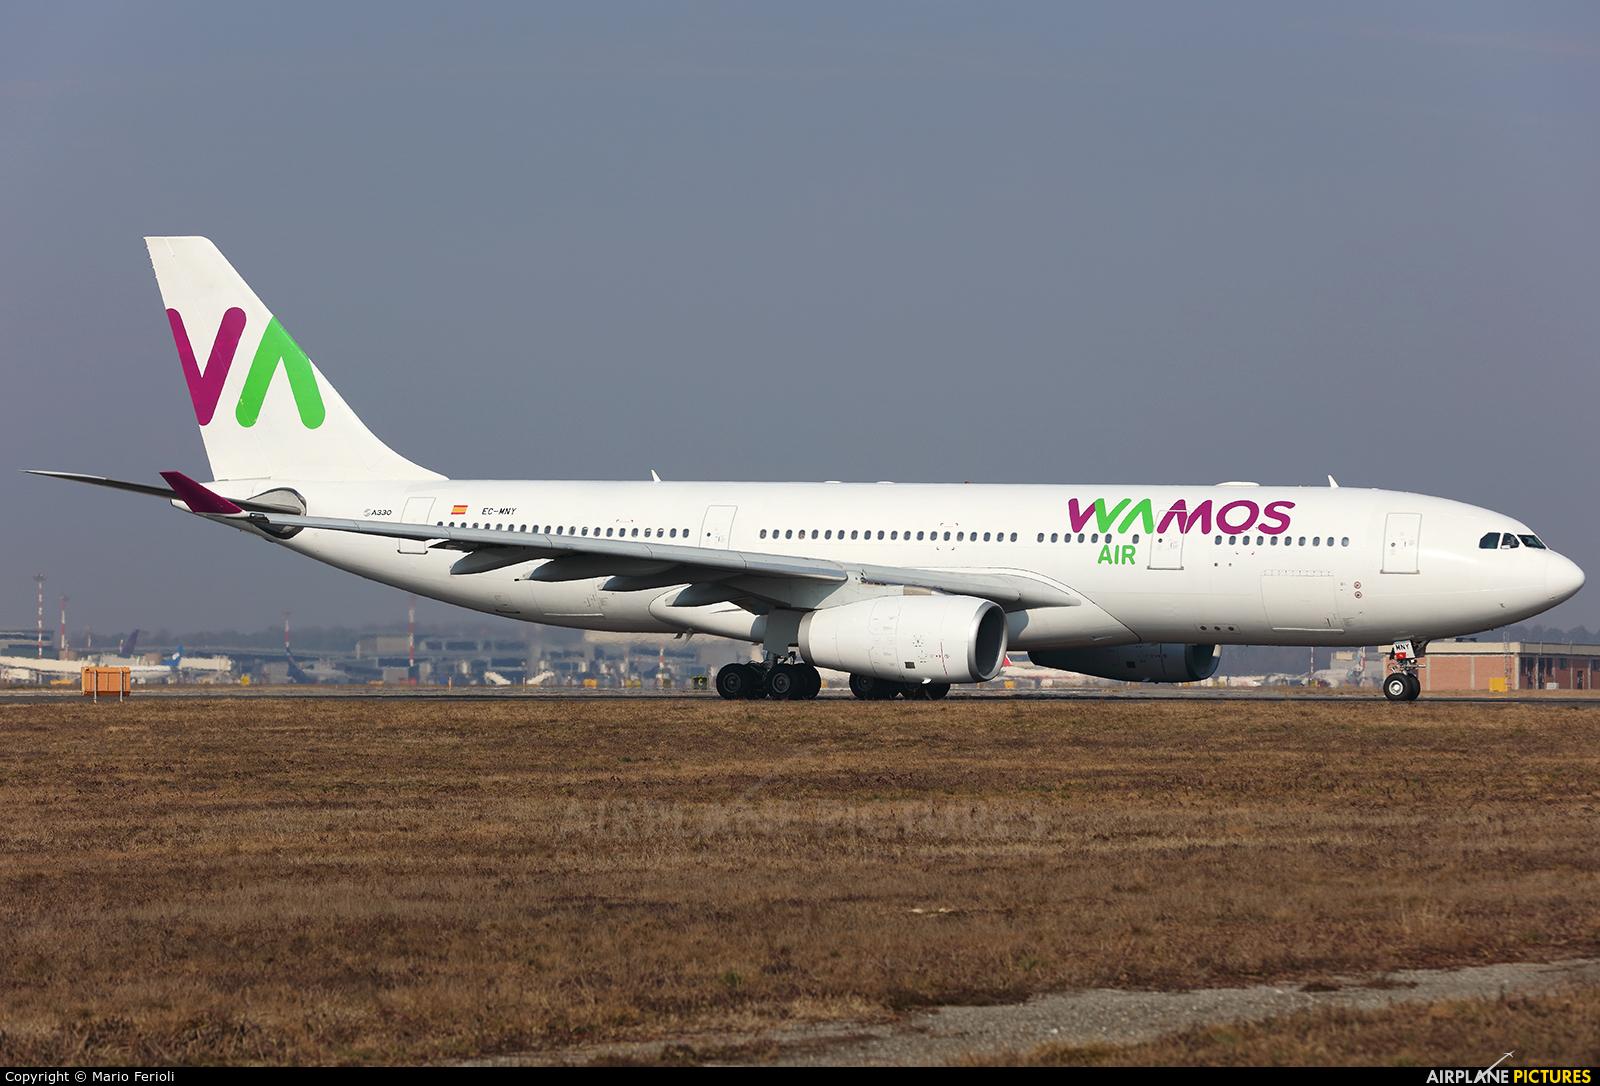 Wamos Air EC-MNY aircraft at Milan - Malpensa